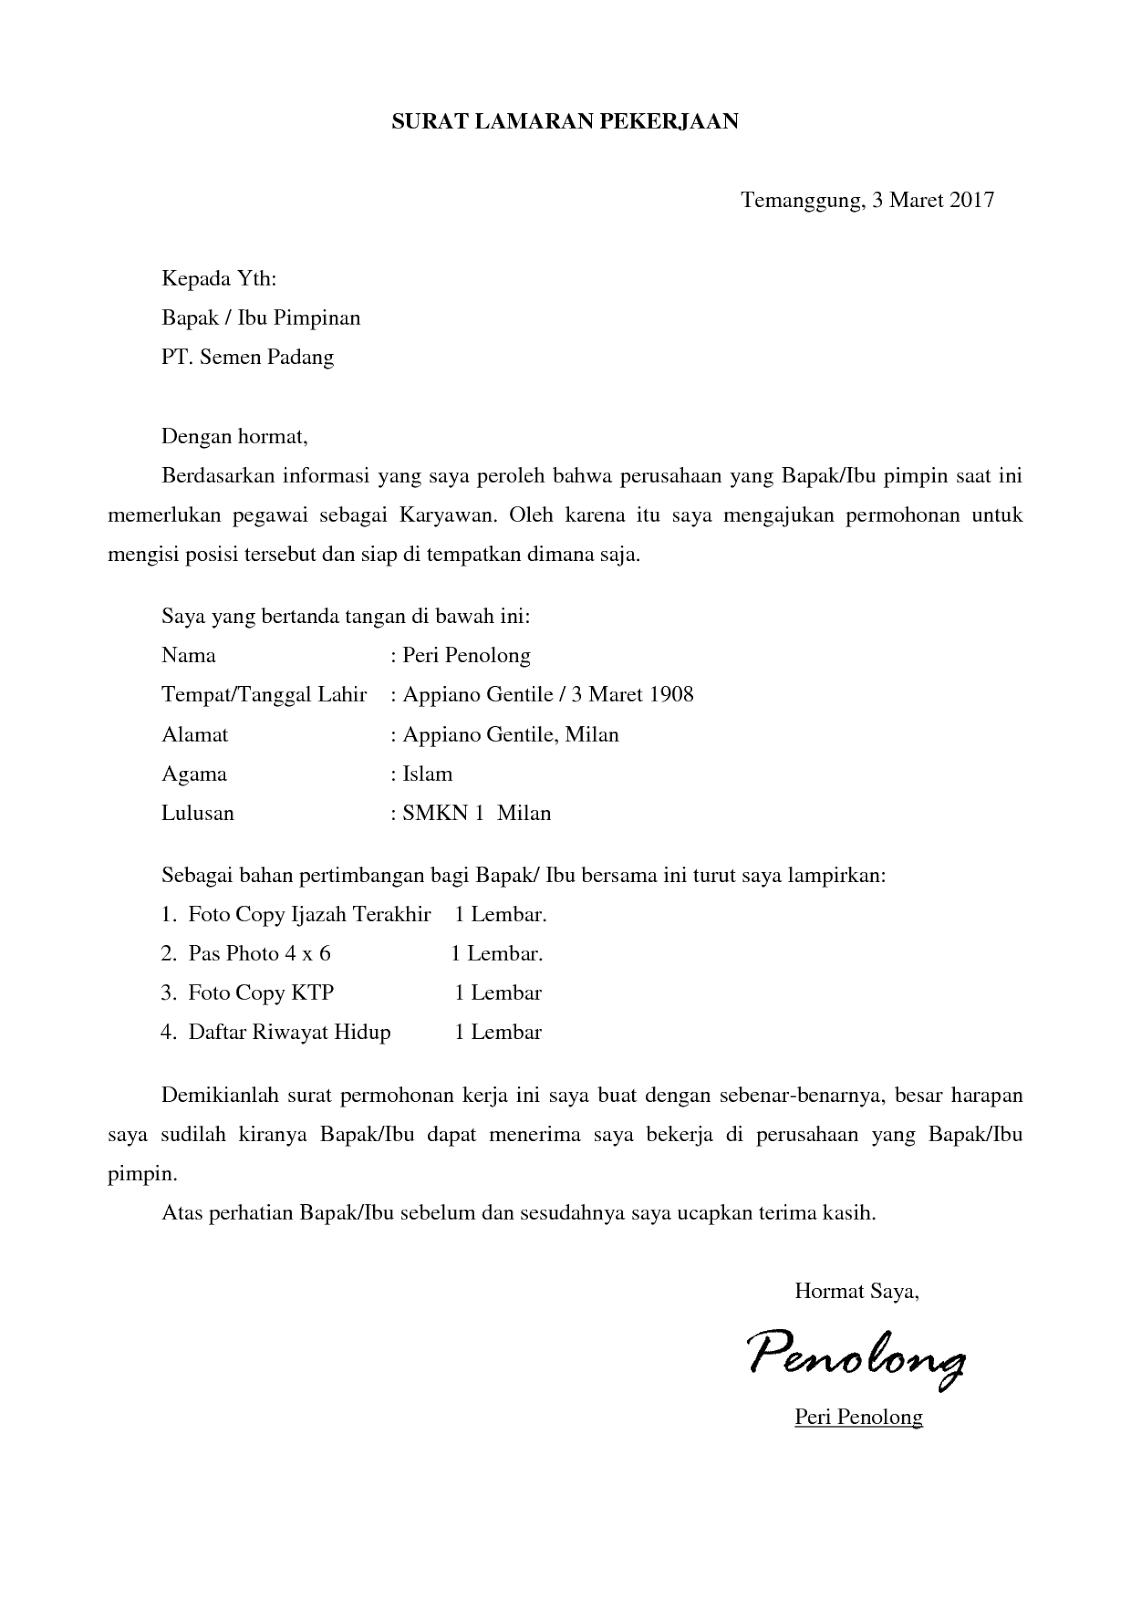 Surat Lamaran Kerja Pabrik : surat, lamaran, kerja, pabrik, Surat, Lamaran, Kerja, Kreatif, Surat,, Kreatif,